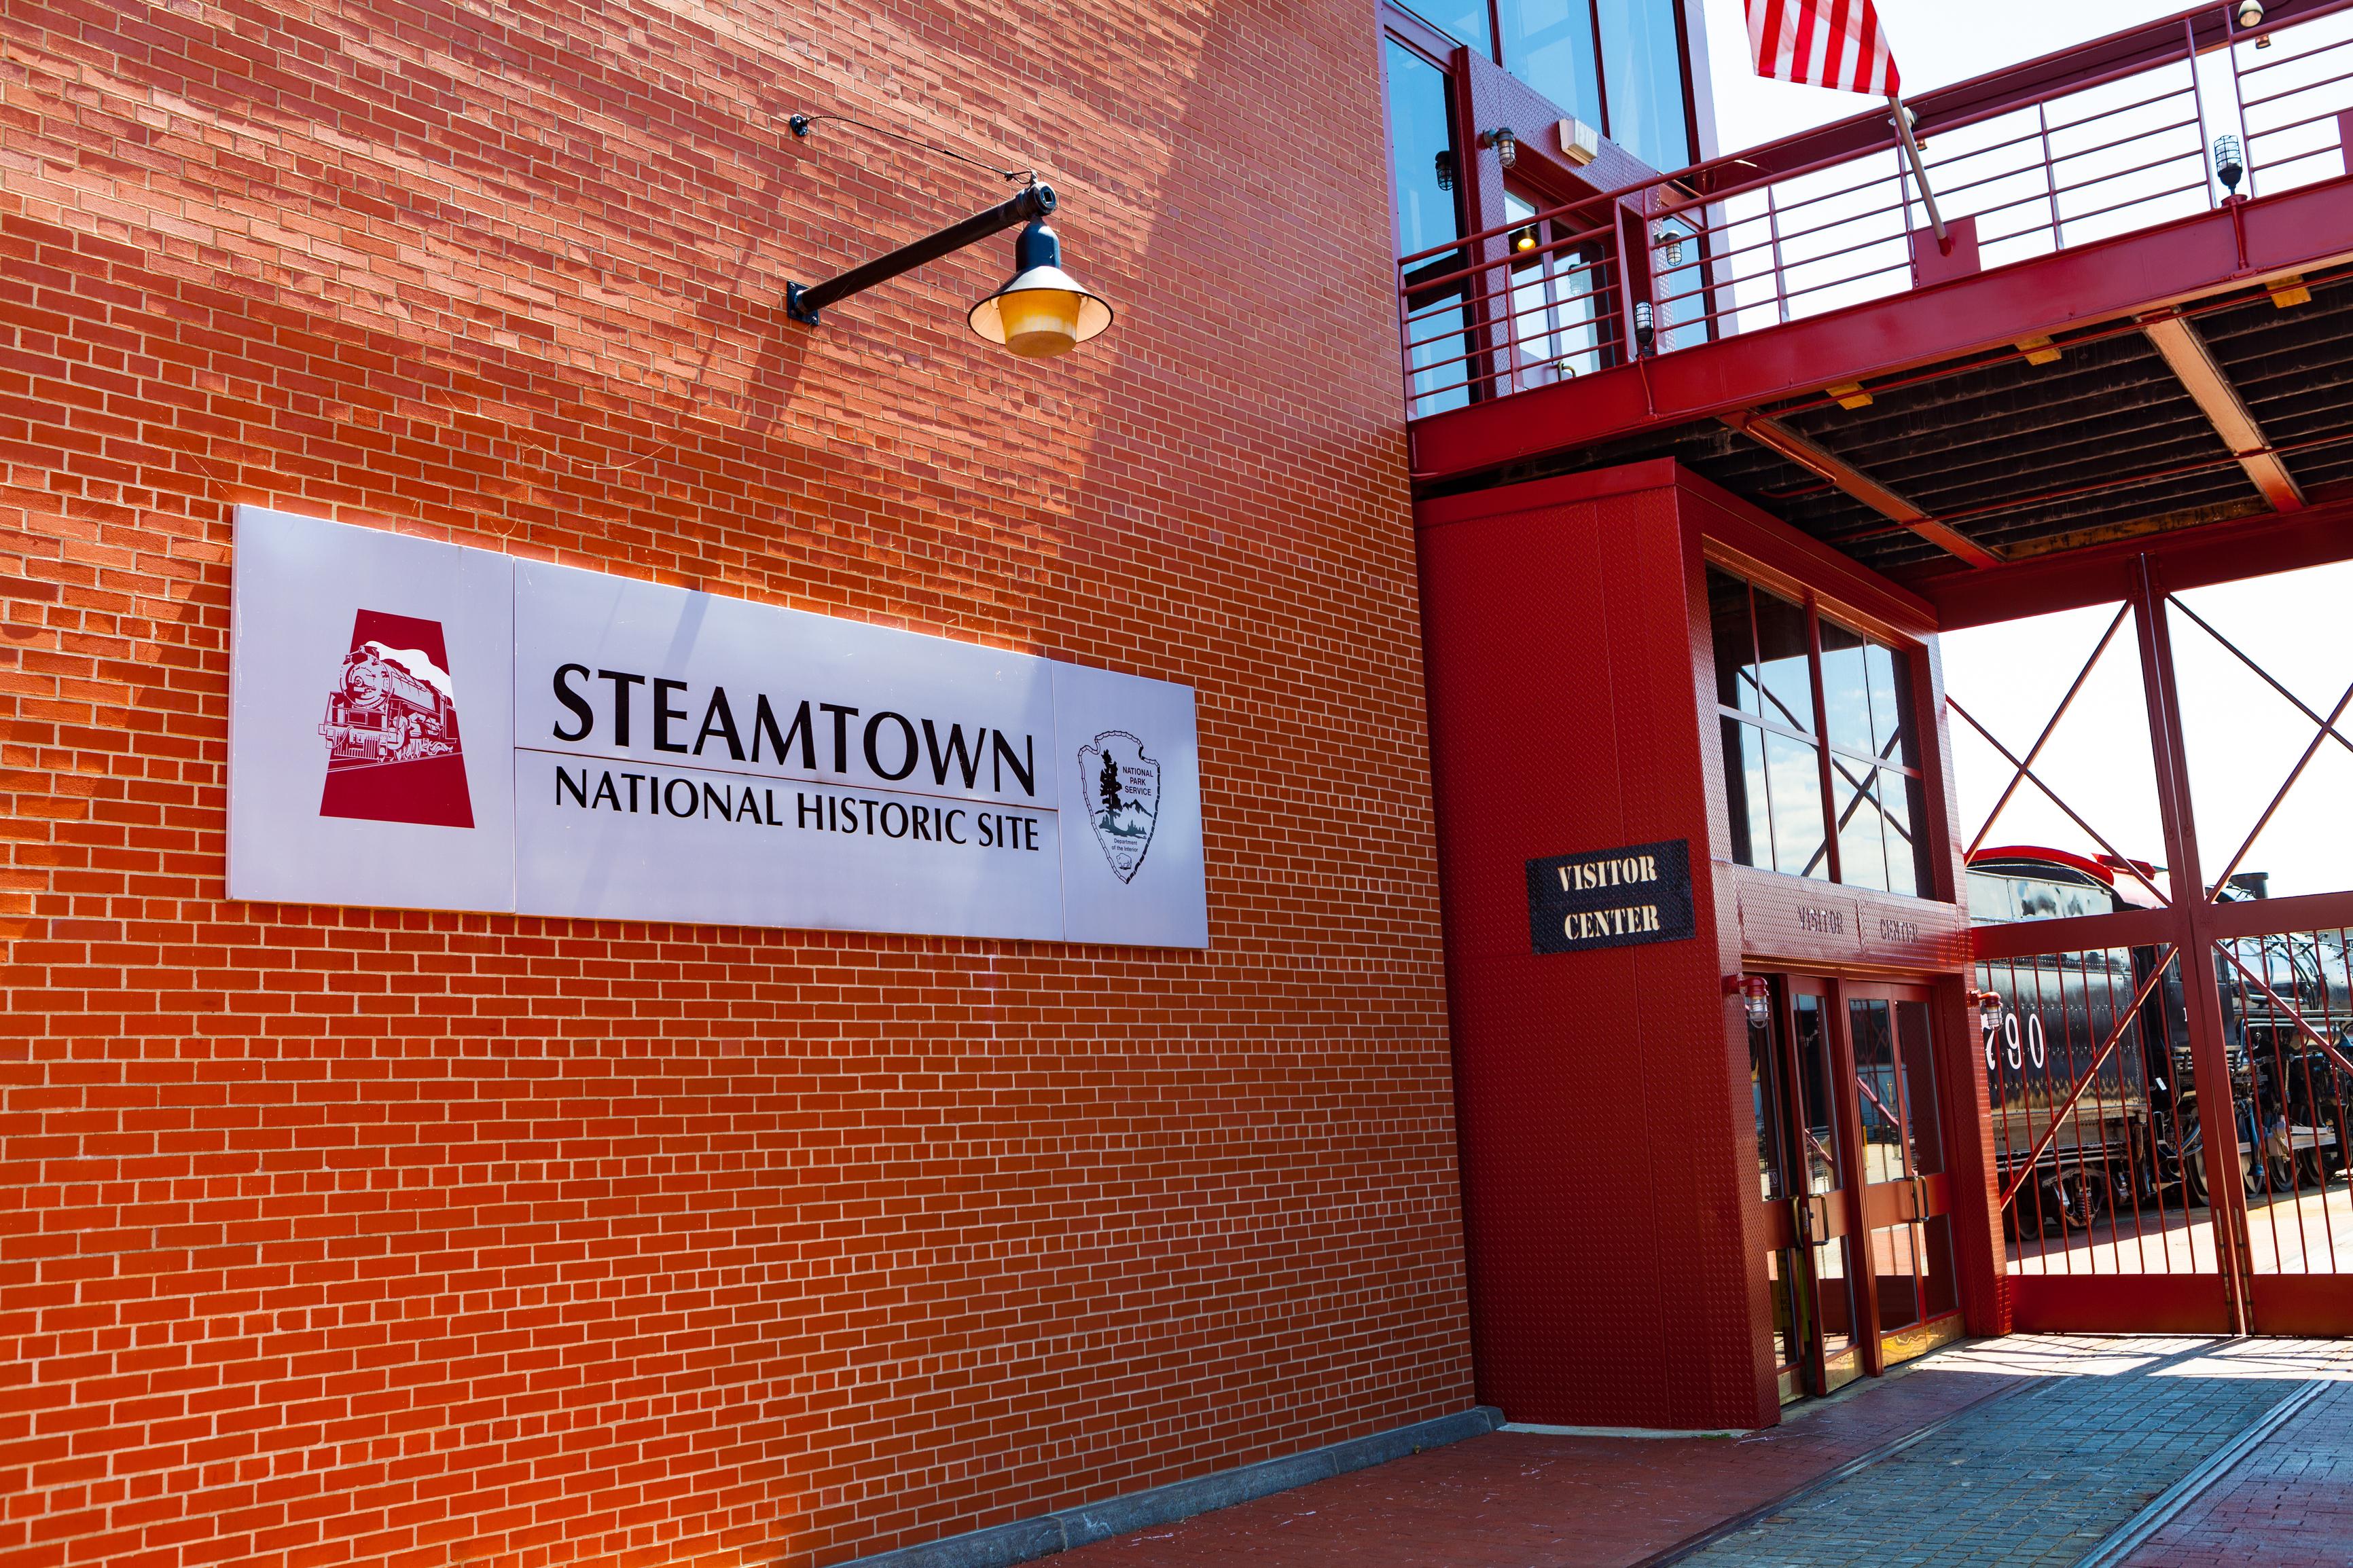 Steamtown-3.jpg?mtime=20170403111757#asset:59664